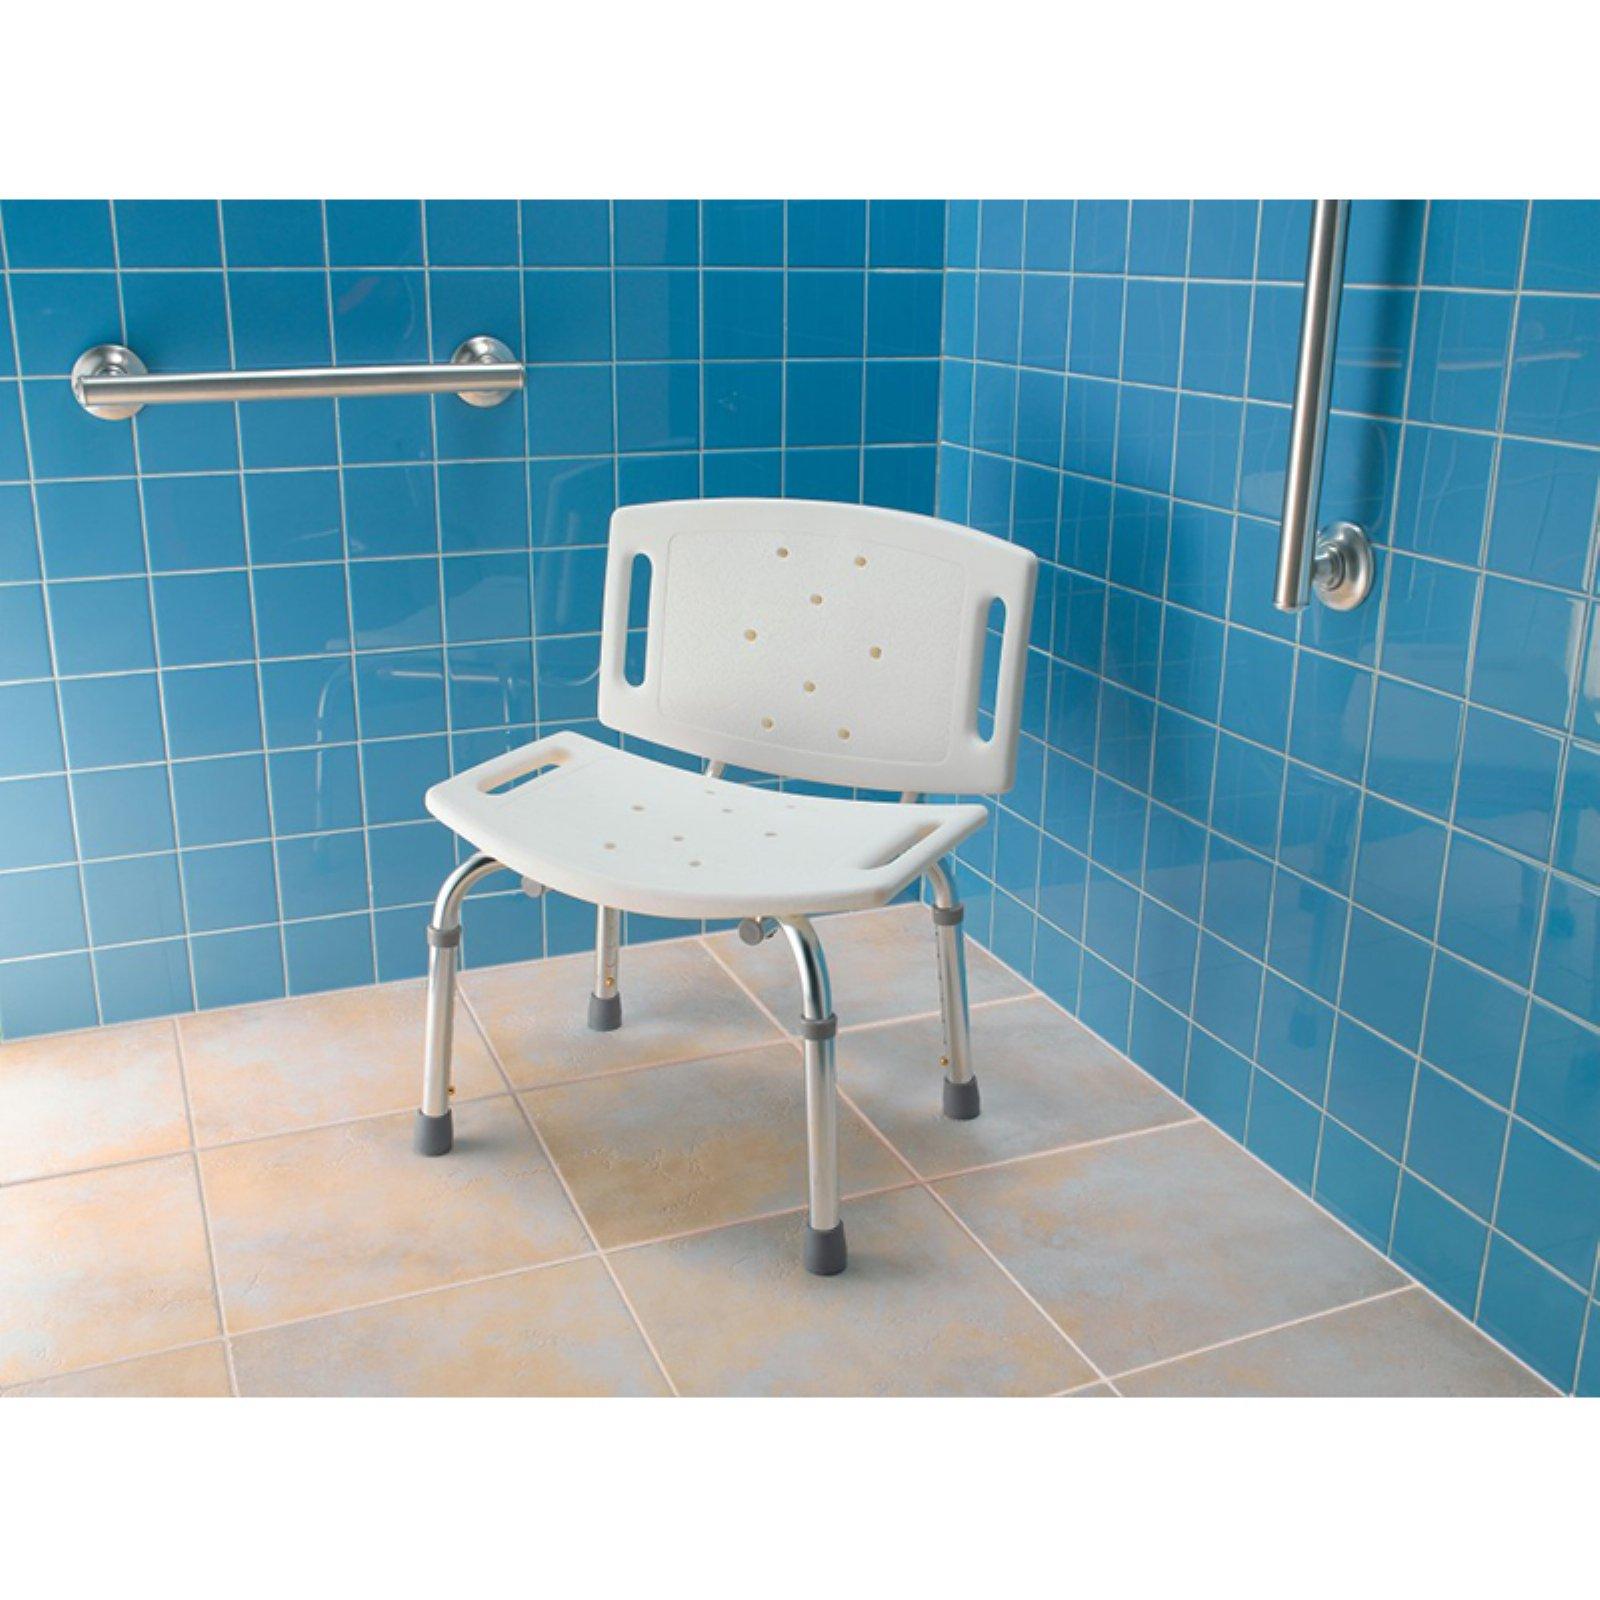 Moen Home Care DN7030 Shower Seat - Walmart.com